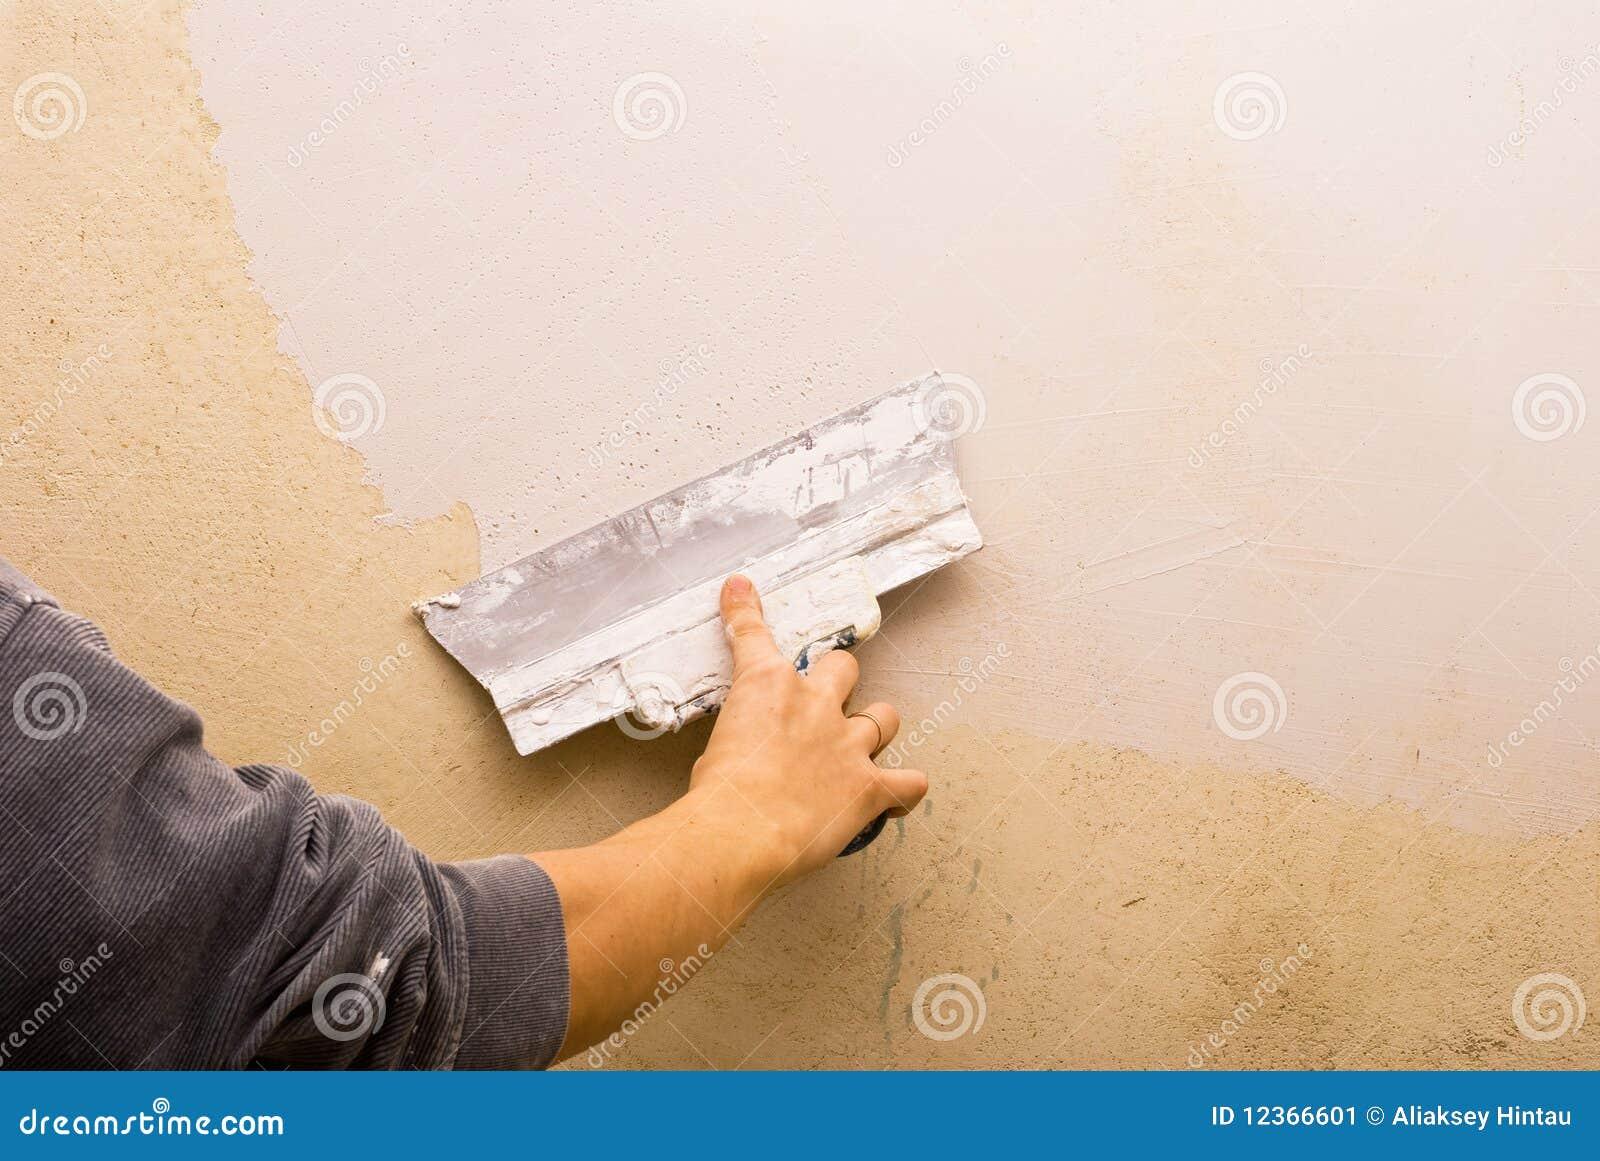 Ремонт стен на кухне своими руками: пол и потолок, как выровнять 61